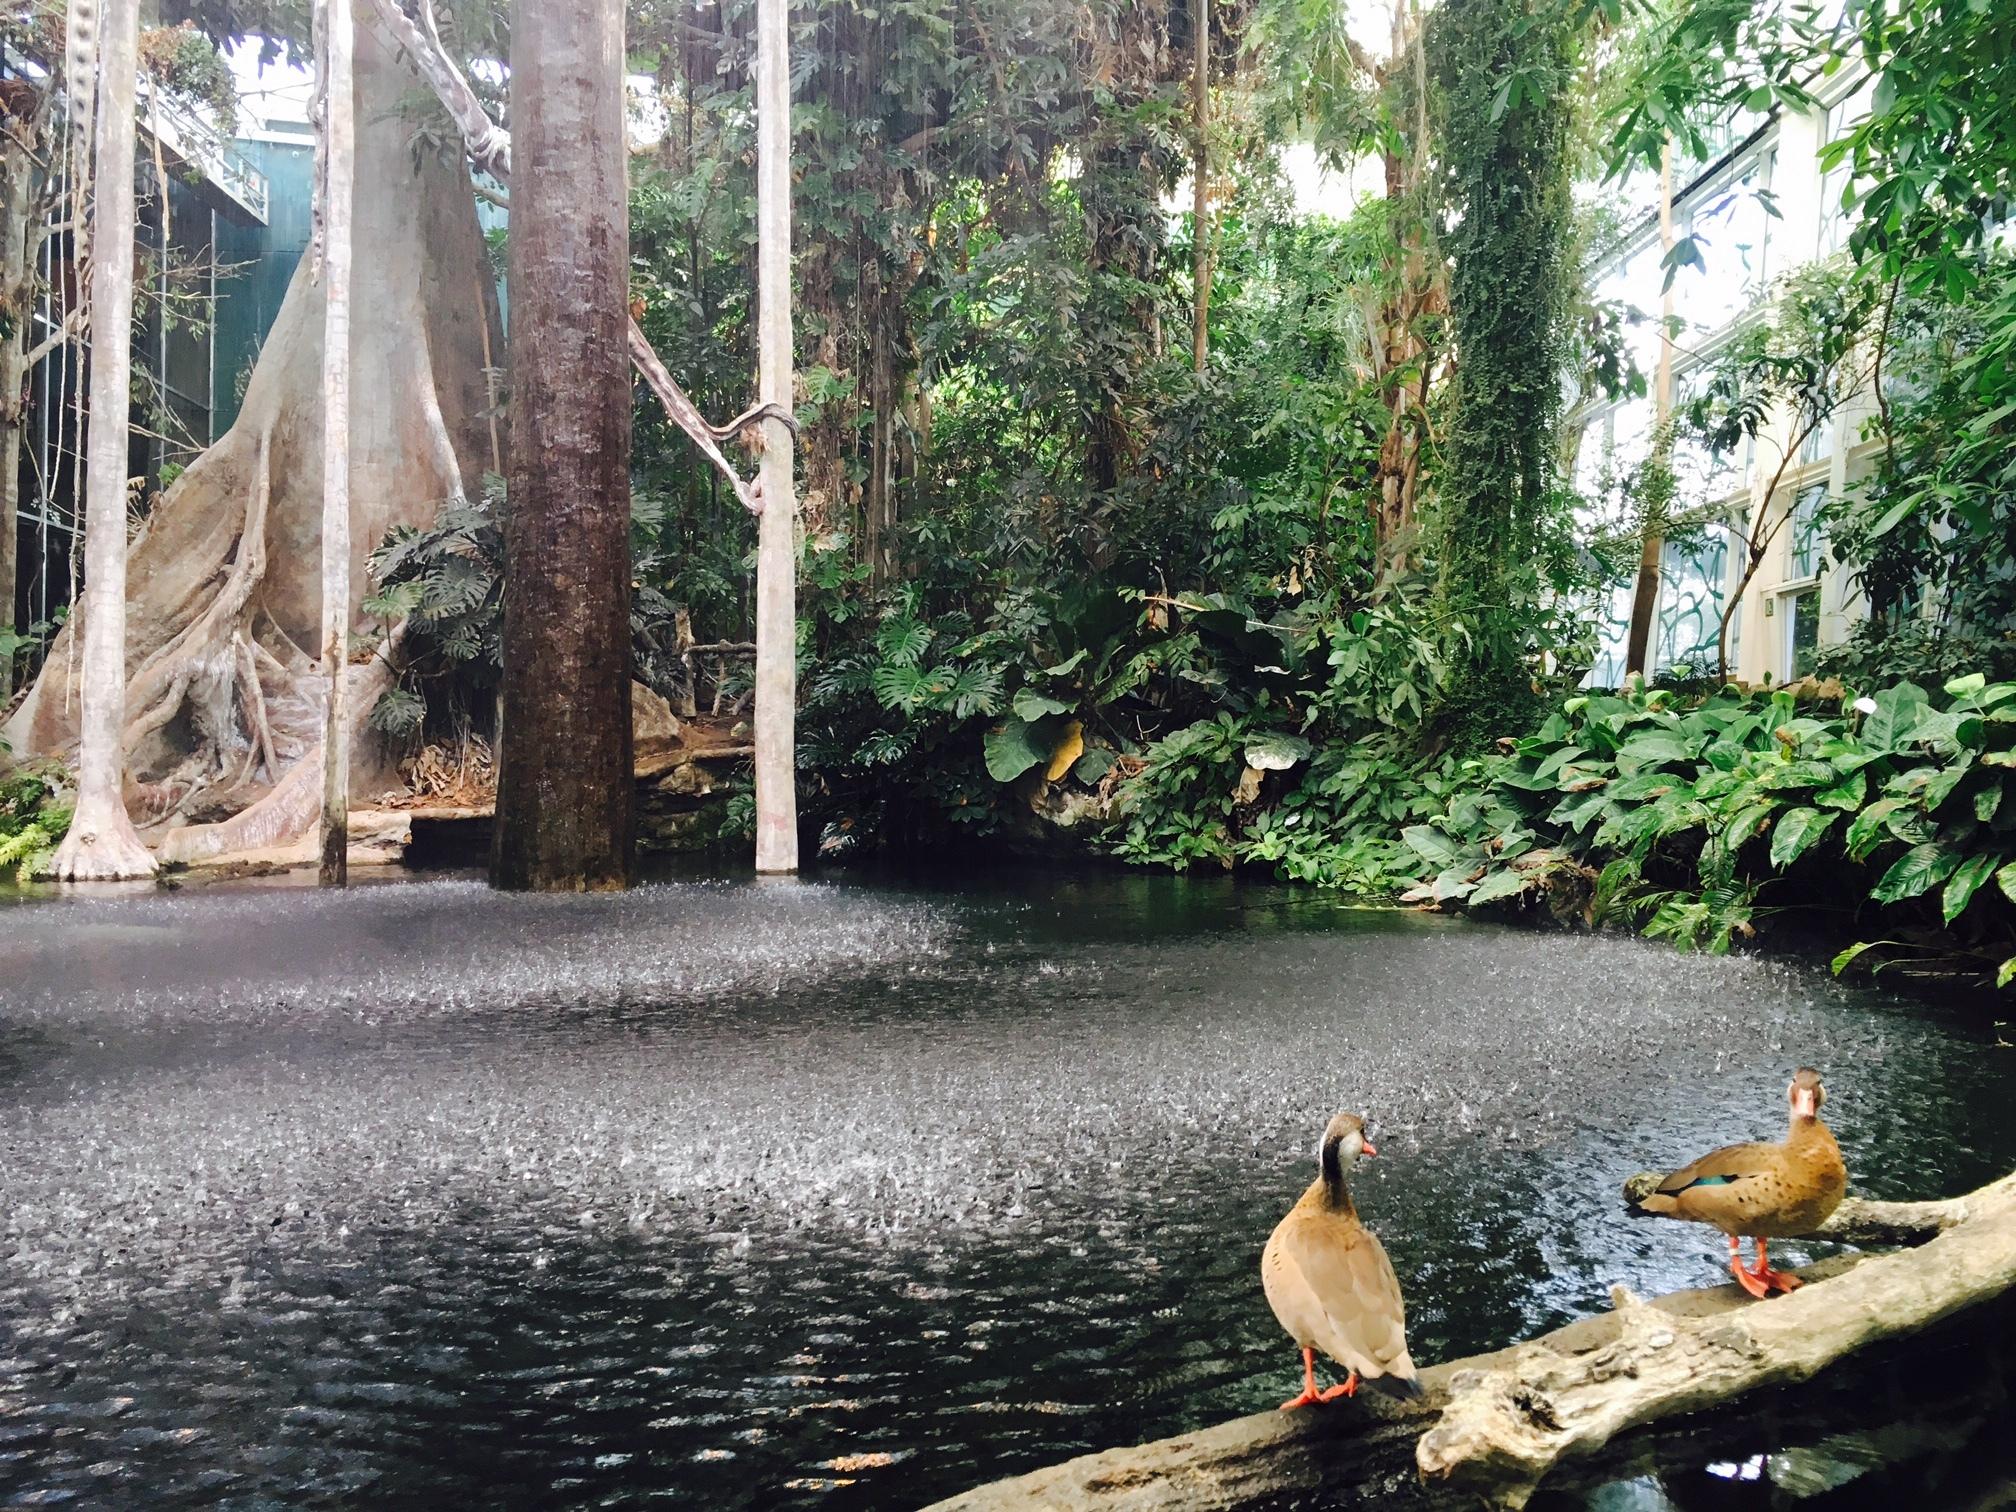 ¿Cómo es posible un Amazonas en Barcelona?